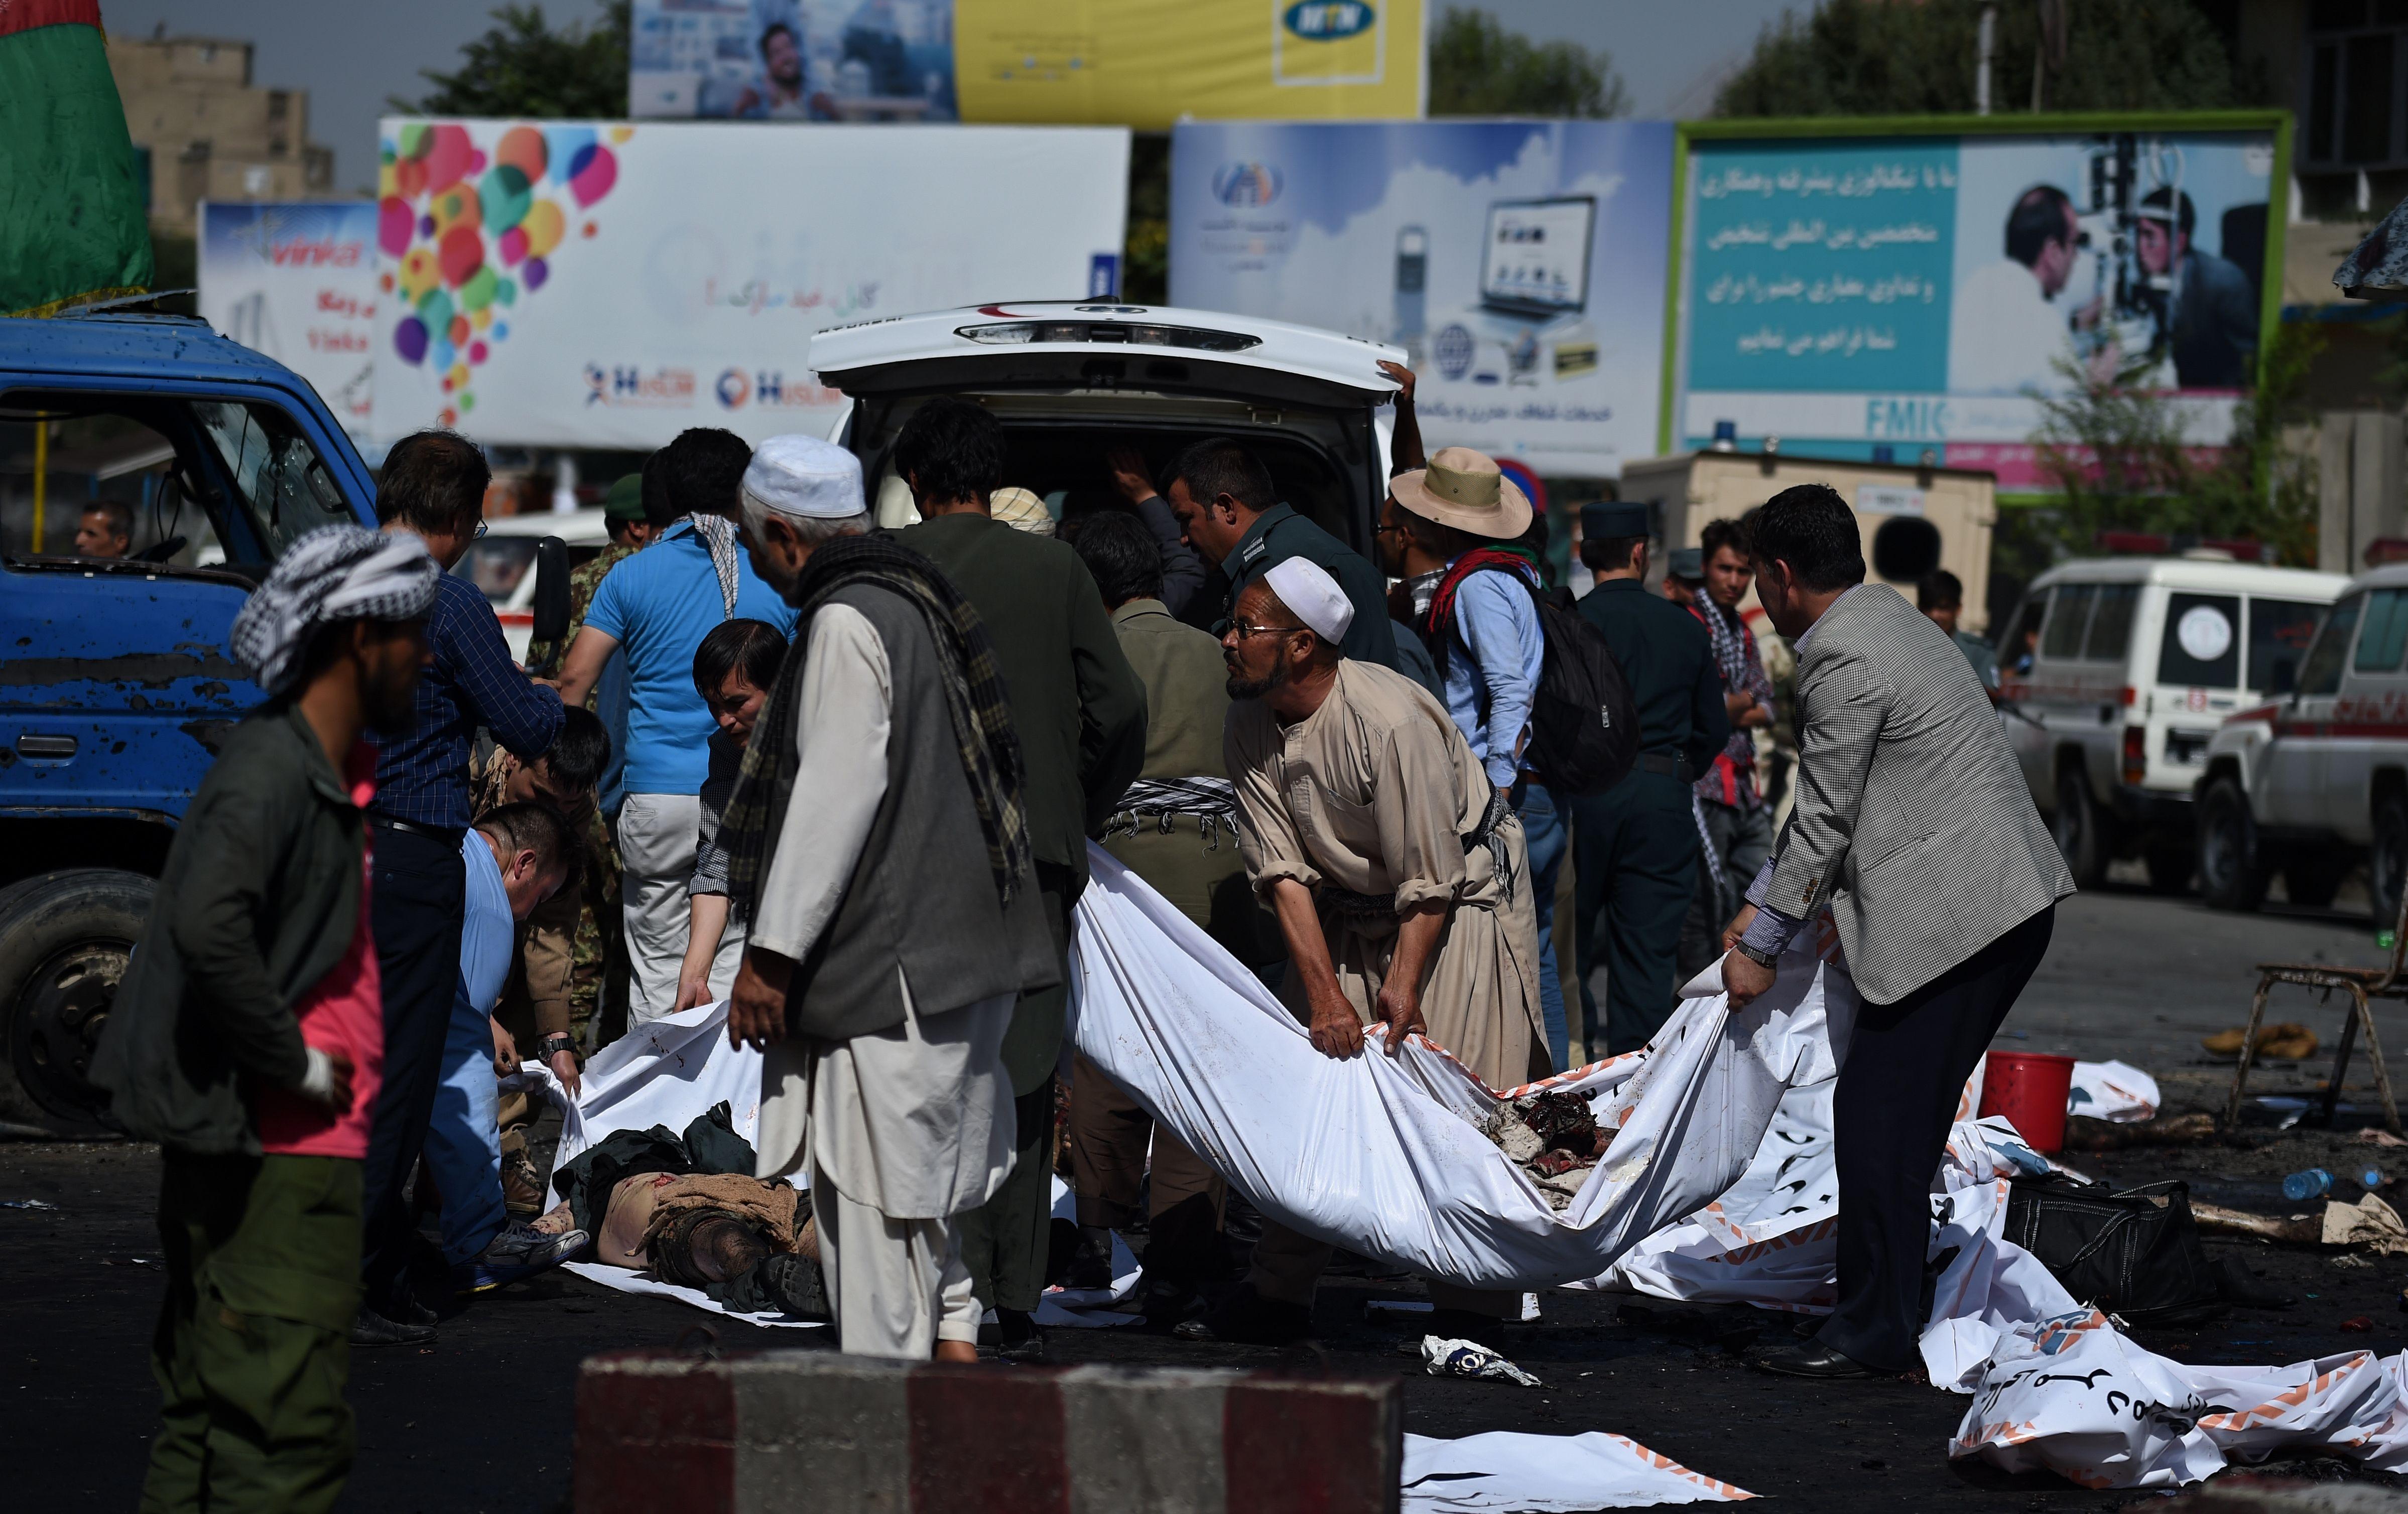 Al menos 61 personas murieron y hay 200 heridos en un ataque suicida en Afganistán